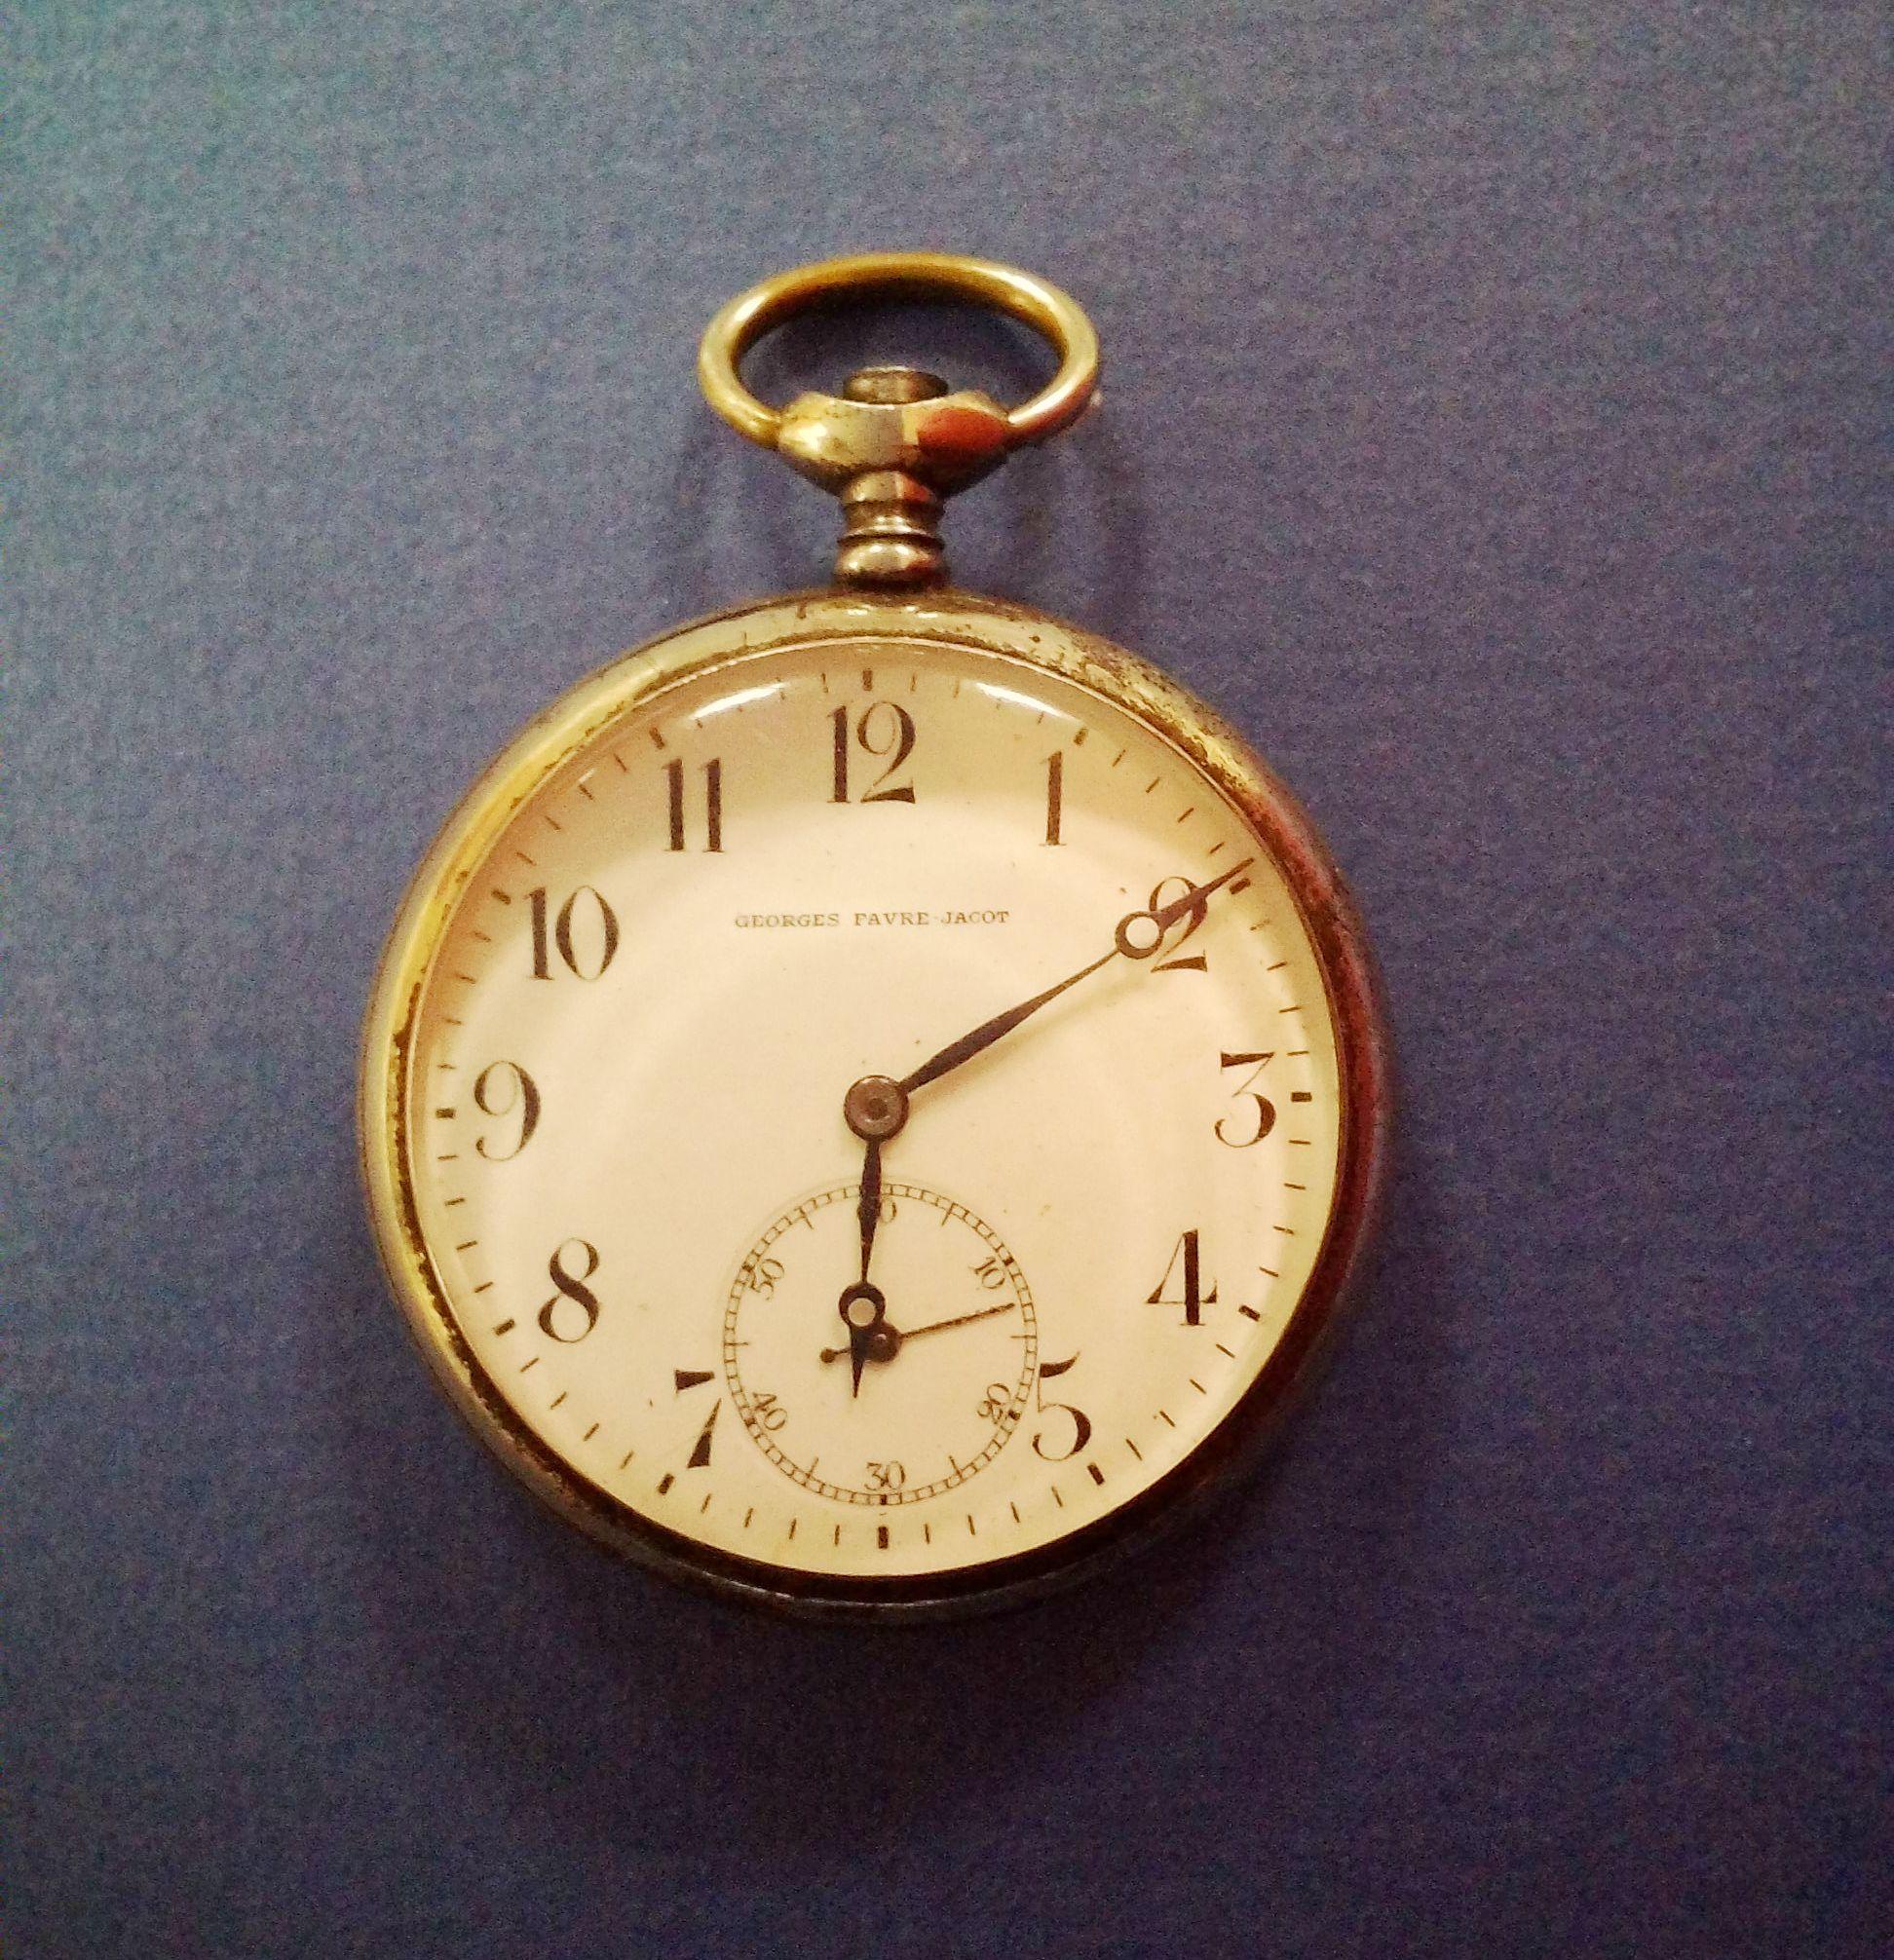 Favre jacot georges стоимость часы часы настенные скупка